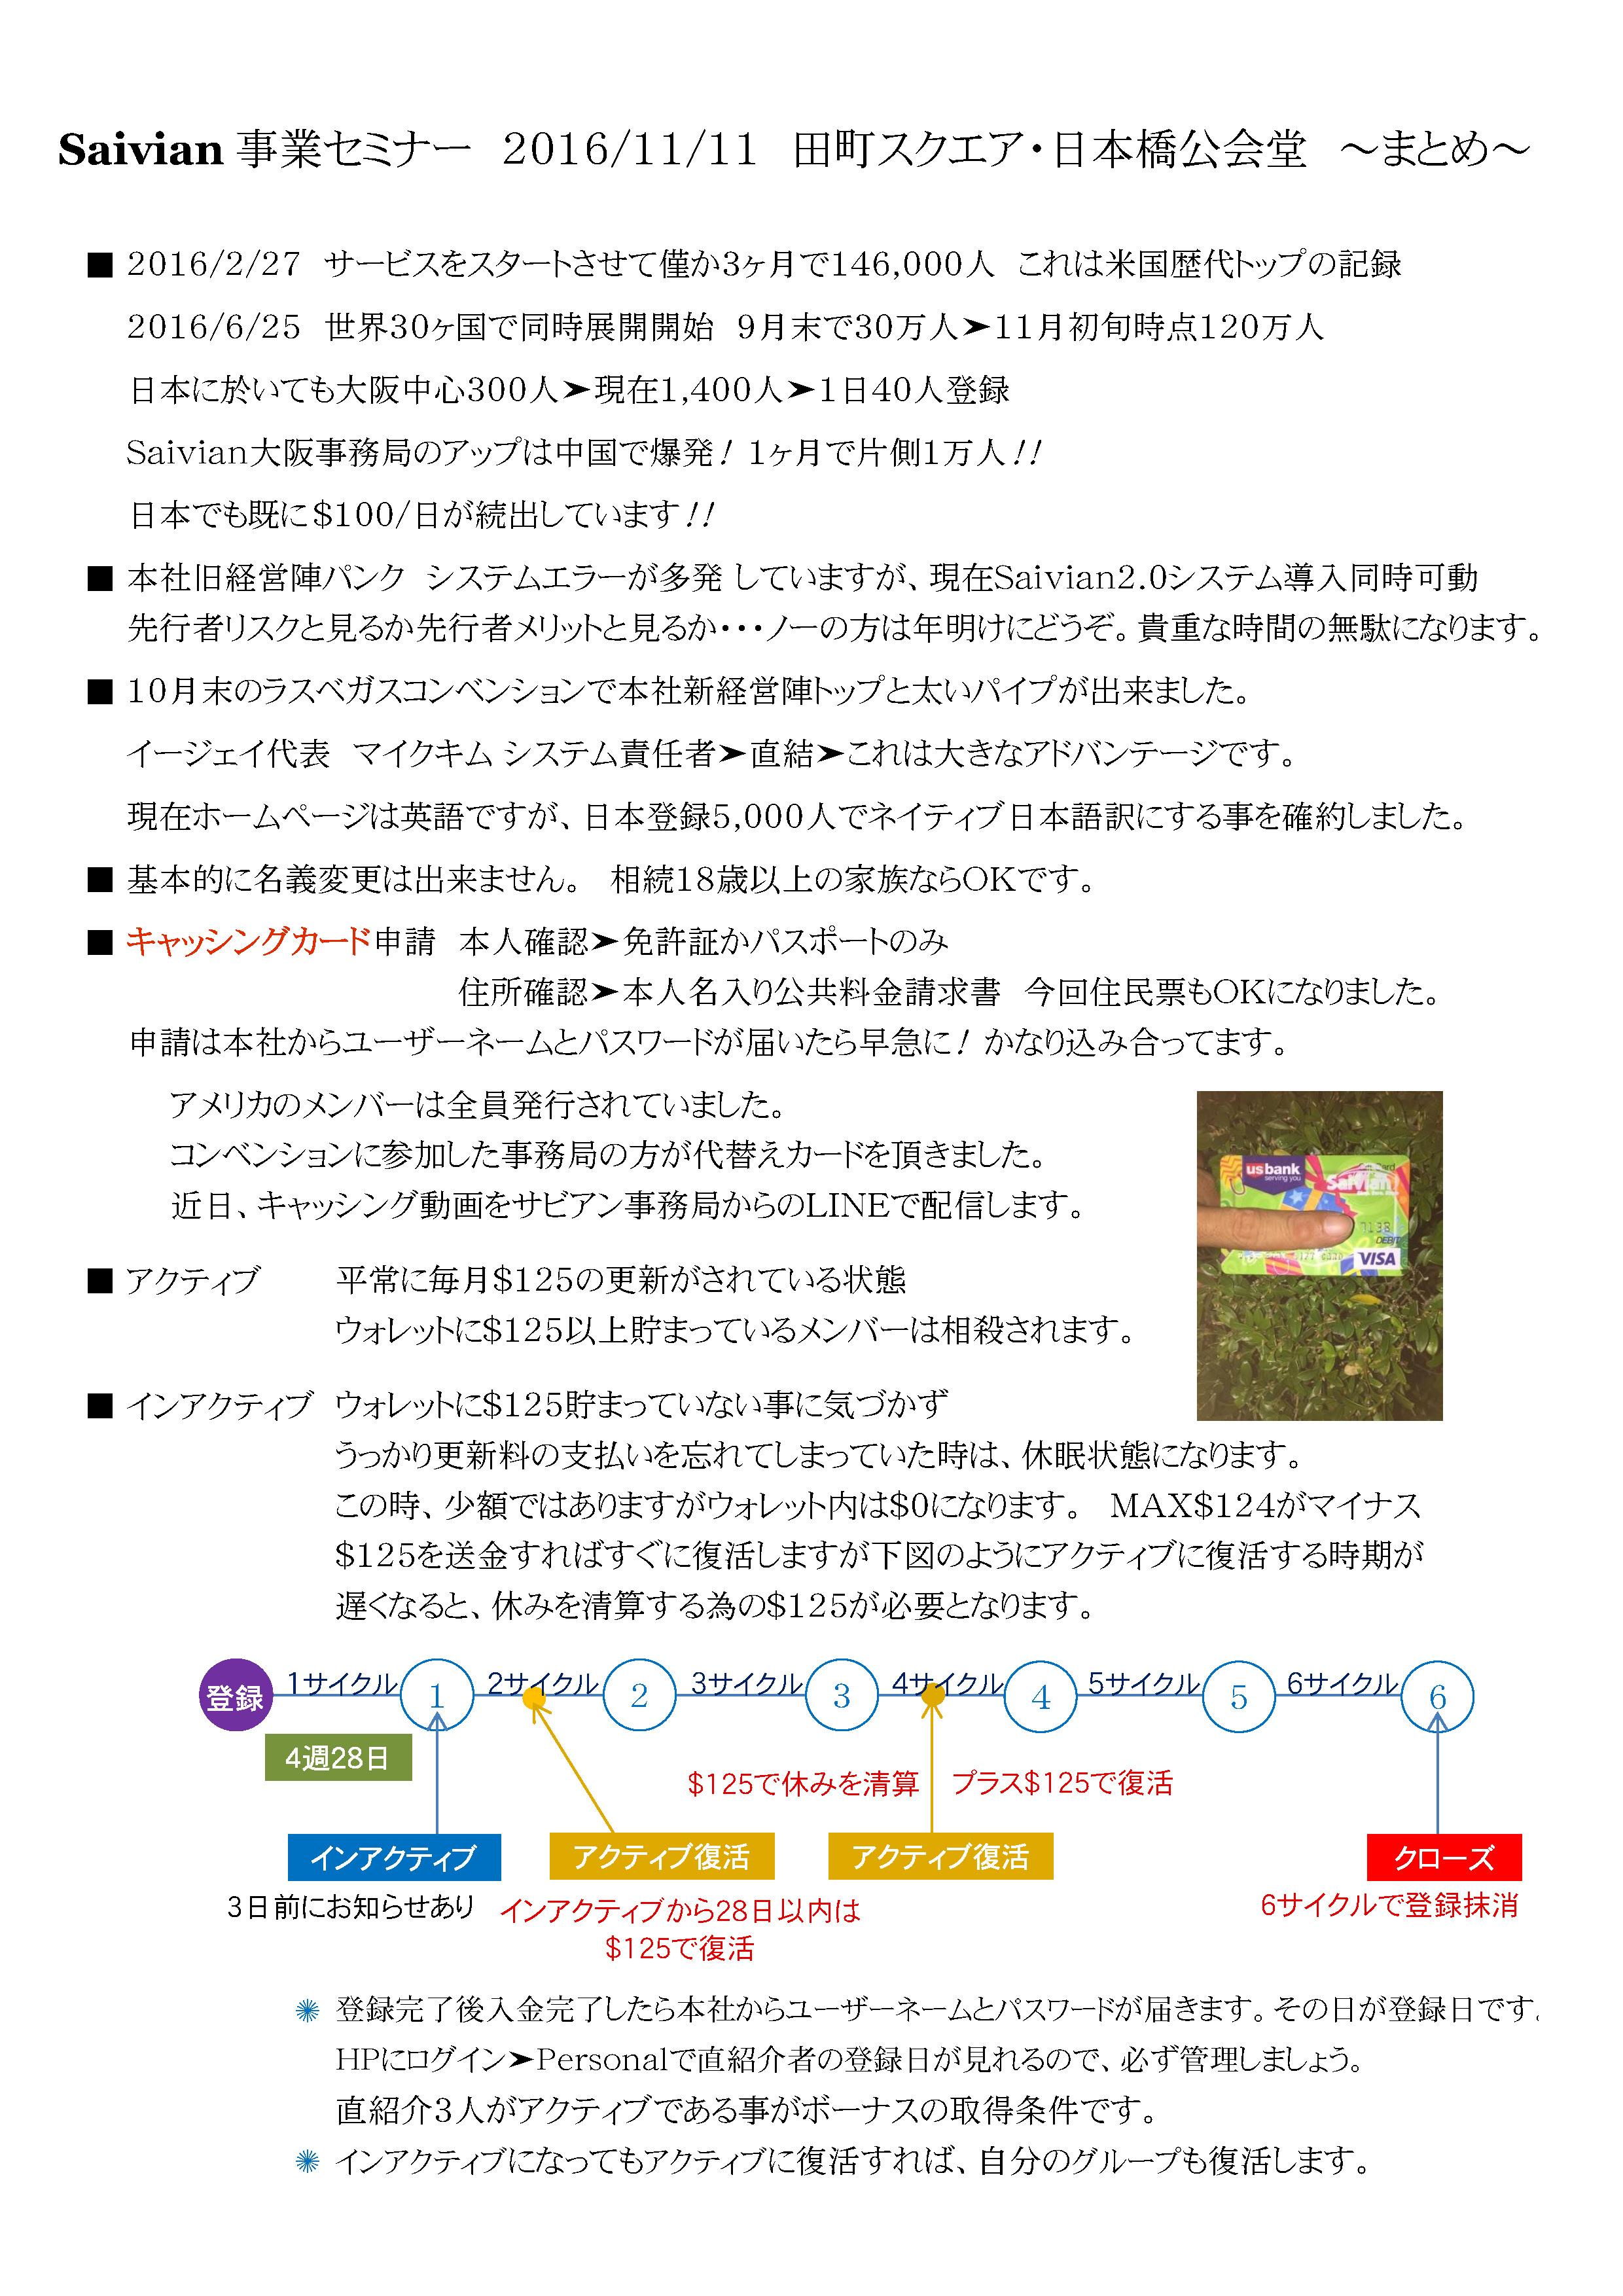 サビアン東京セミナー